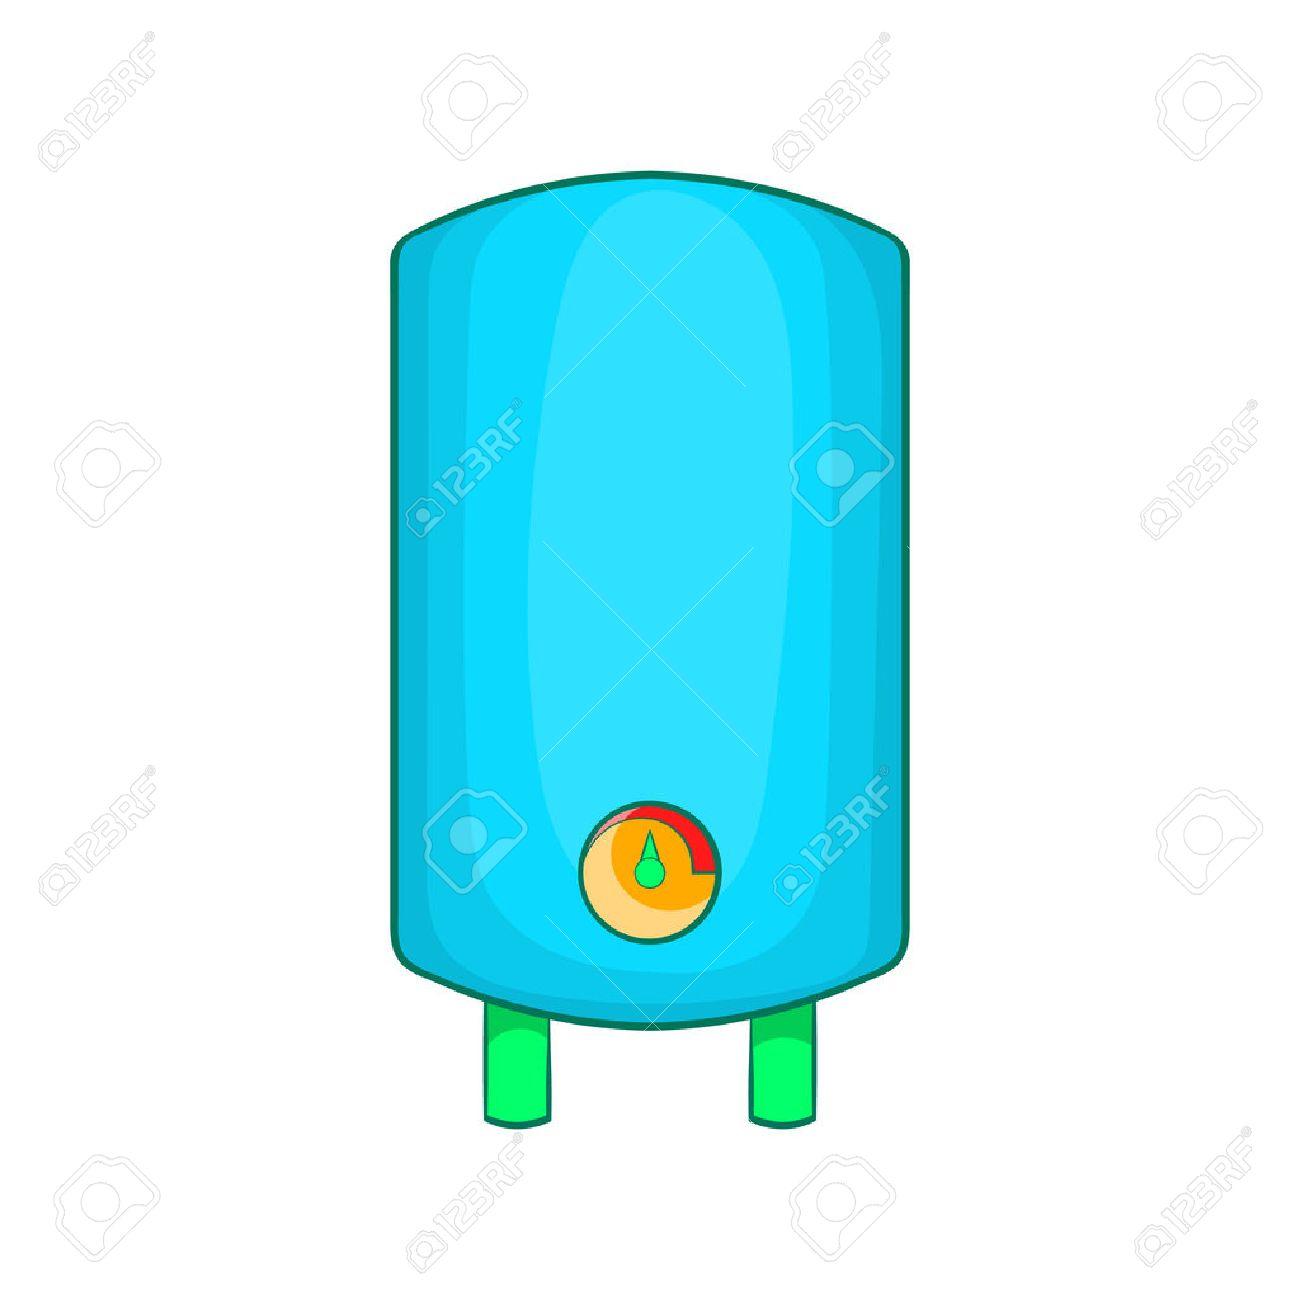 Boiler, Wasserkocher Symbol Im Cartoon-Stil Auf Einem Weißen ...